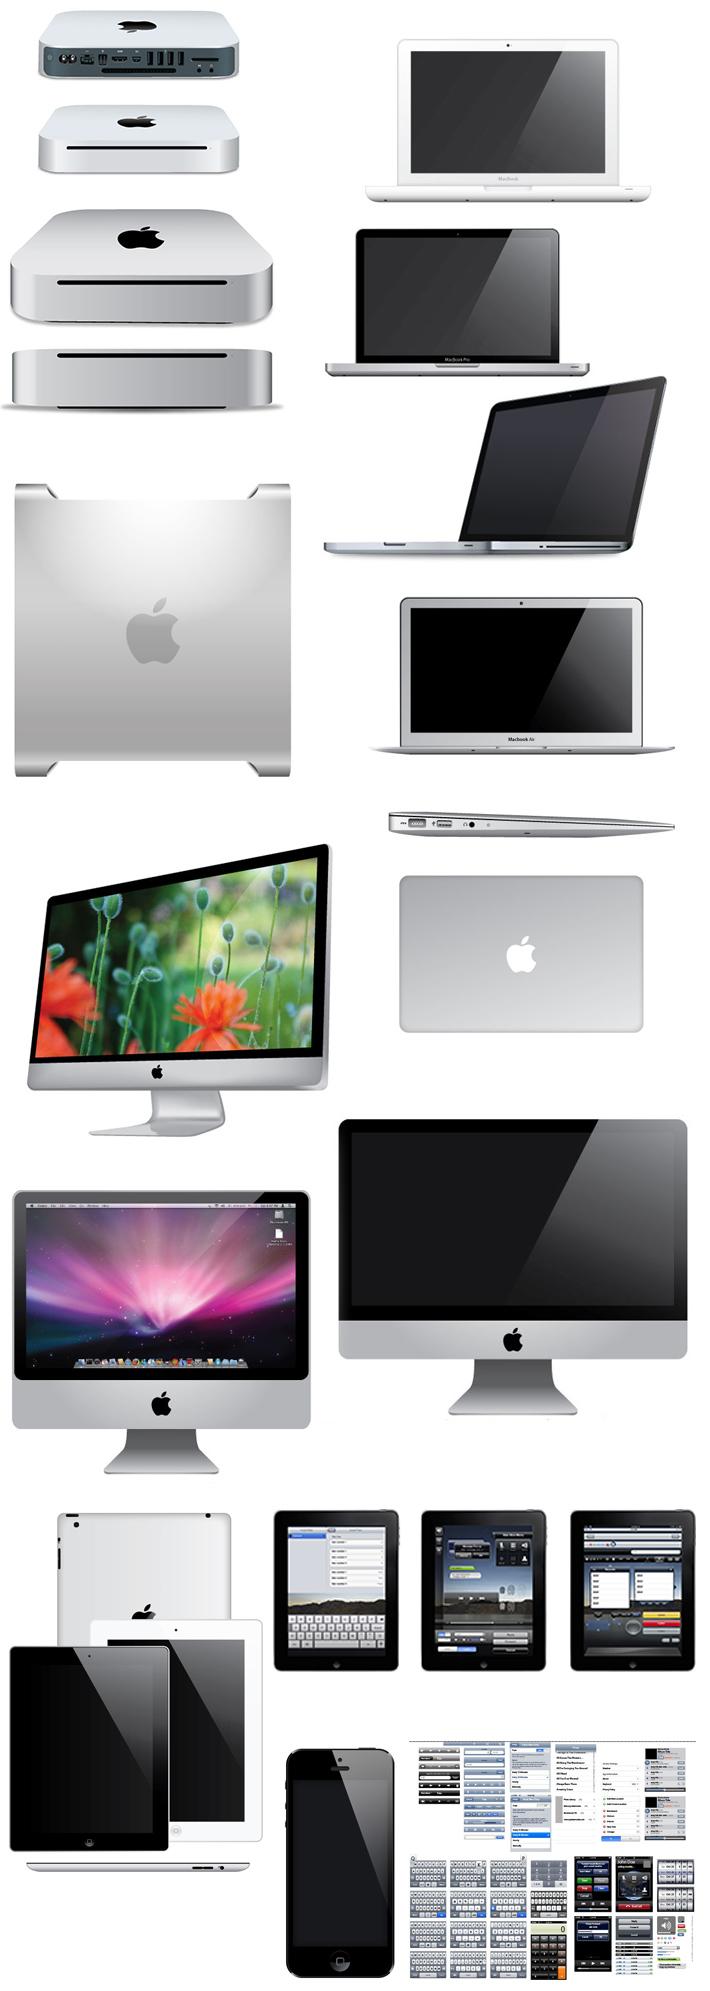 conjunto de archivos editables de Apple todos los productos